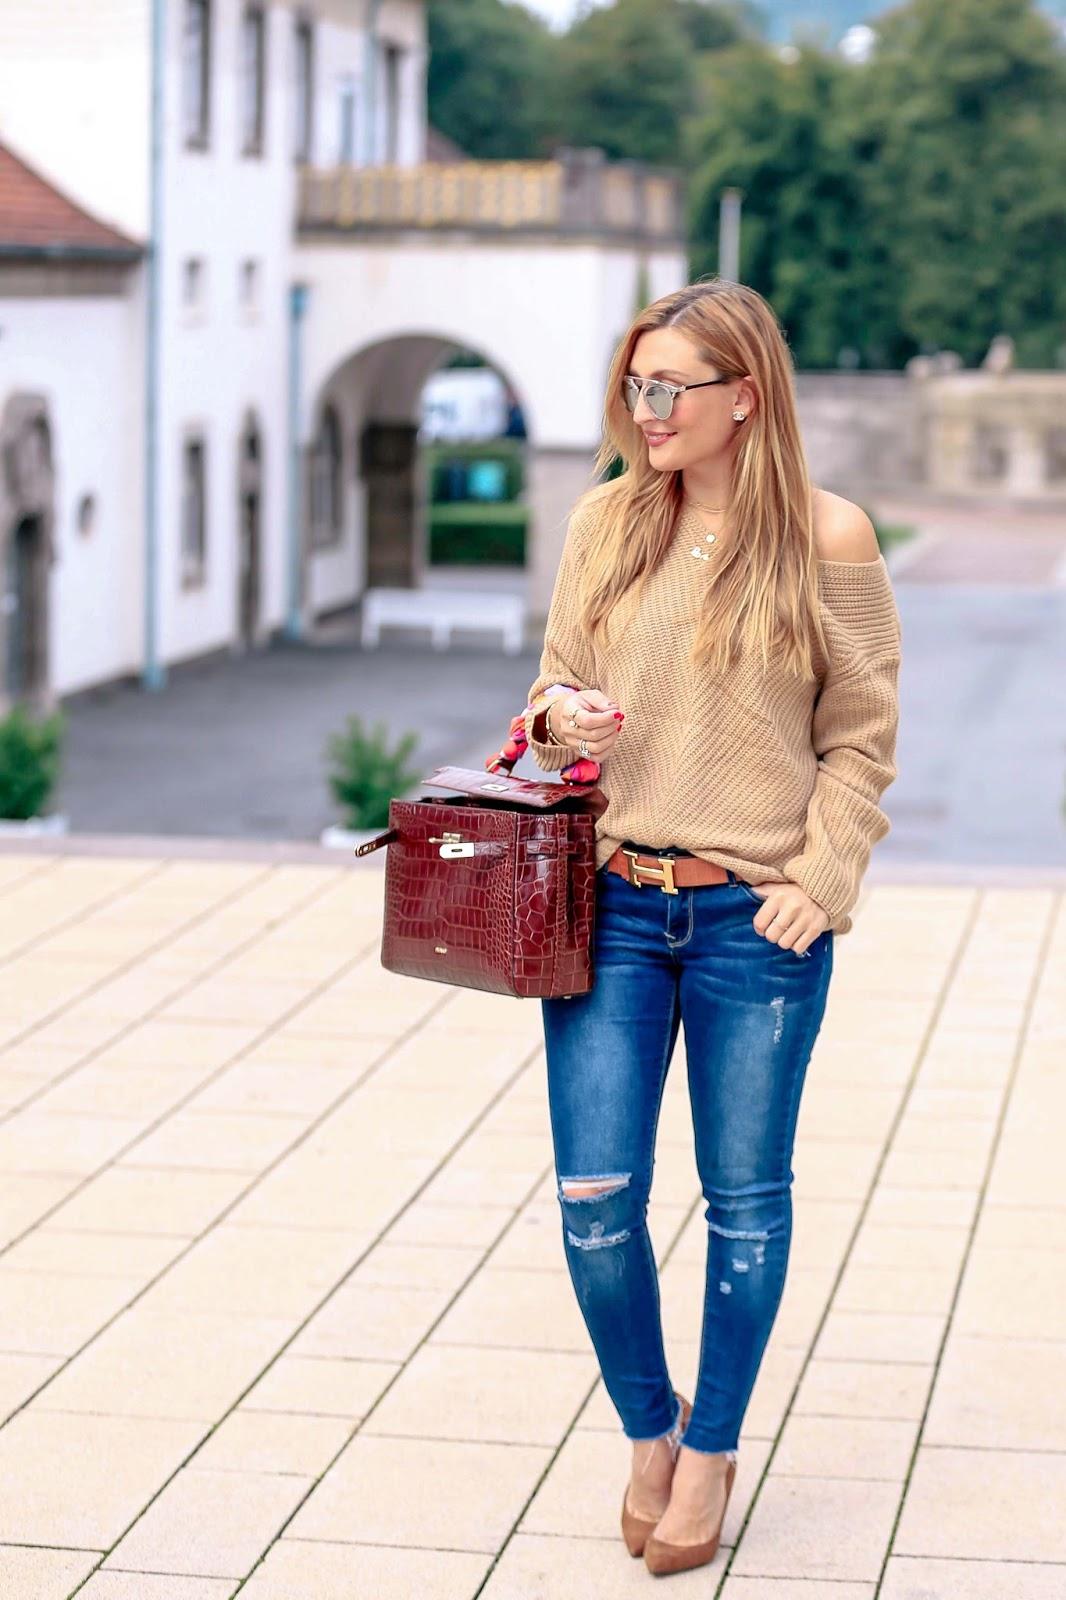 Deutsche-fashionblogger-fashionstylebyjohanna-blogger-aus-frankfurt